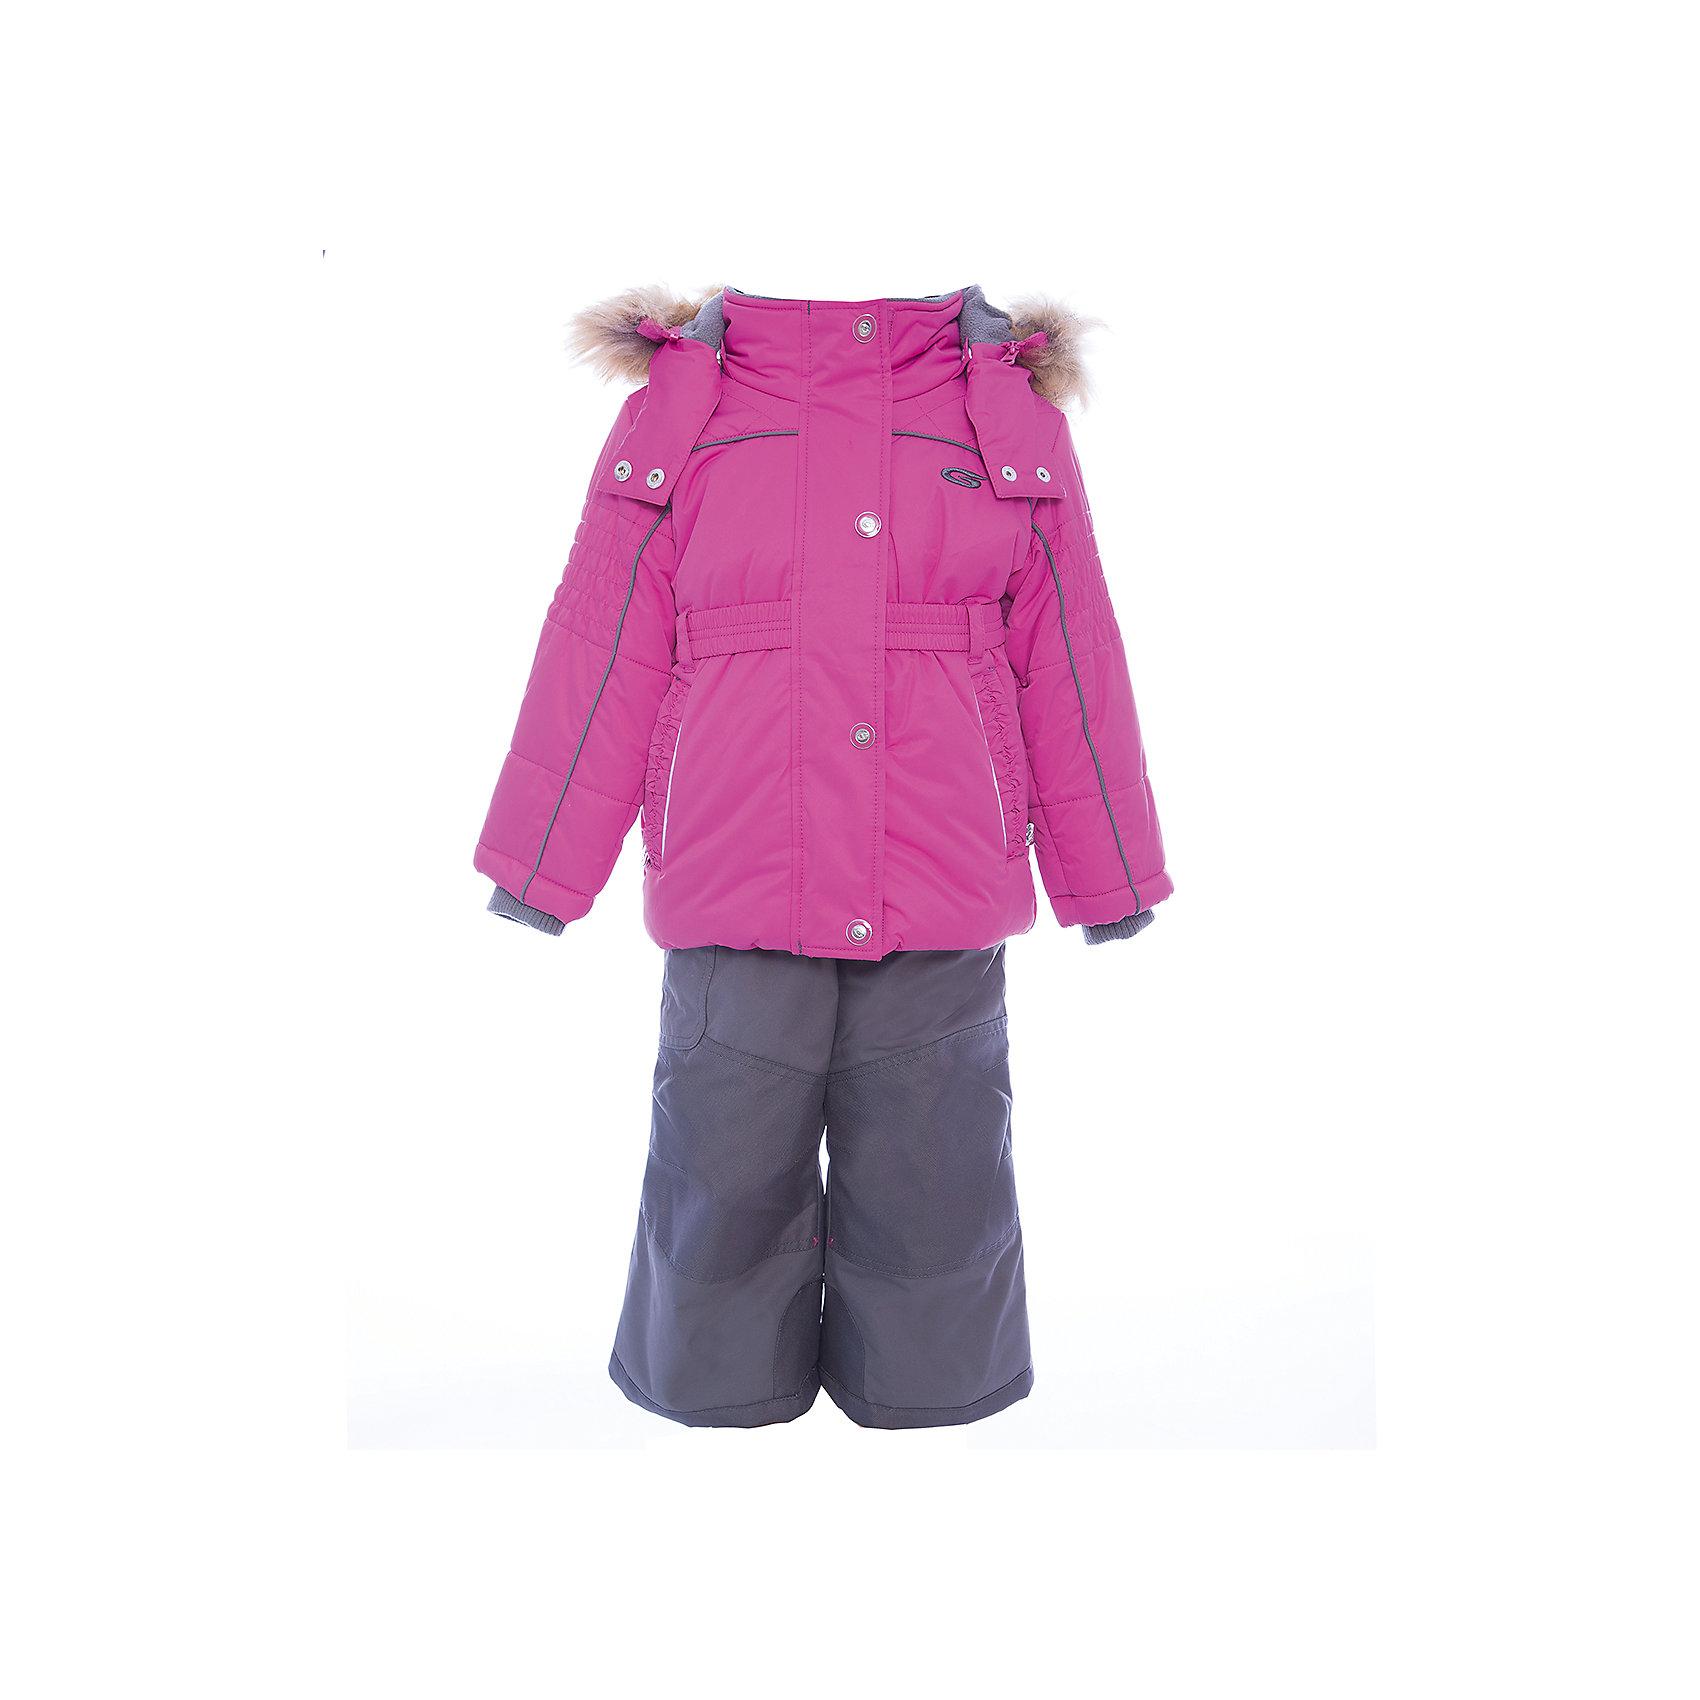 Комплект: куртка и полукомбинезон GUSTIВерхняя одежда<br>Комплект: куртка и полукомбинезон GUSTI (ГУСТИ) – это идеальный вариант для суровой зимы с сильными морозами.<br><br>Температурный режим: до -30  градусов. Степень утепления – высокая. <br><br>* Температурный режим указан приблизительно — необходимо, прежде всего, ориентироваться на ощущения ребенка. Температурный режим работает в случае соблюдения правила многослойности – использования флисовой поддевы и термобелья.<br><br>Комплект от GUSTI (ГУСТИ) состоит из куртки и полукомбинезона, выполненных из плотного непромокаемого материала с защитной от влаги мембраной 5000 мм. Тань хорошо сохраняет тепло, отталкивает влагу и позволяет коже ребенка дышать. Утеплитель из тек-полифилла и флисовая внутренняя отделка на груди и на спинке дают возможность использовать комплект при очень низких температурах. Куртка застегивается на молнию с ветрозащитной планкой, имеет два боковых кармана на застежках-молниях, эластичный пояс, снегозащитную юбку, трикотажные манжеты в рукавах, высокий ворот с защитой подбородка, отстёгивающийся прилегающий капюшон с флисовой подкладкой и оторочкой из искусственного меха. Полукомбинезон застегивается на молнию, имеет накладной карман с клапаном на липучке, регулируемые лямки, снегозащитные гетры. Длина брючин регулируется (отворот с креплением на липе). Сзади, на коленях, и по низу брючин имеется дополнительный слой ткани Cordura Oxford (сверхстойкий полиэстер). До размера 6х (120 см.) у полукомбинезона высокая грудка, в размерах 7 (122 см.) - 14 (164см) отстегивающаяся спинка, грудки нет. Модель подходит для прогулок на морозе до -30 градусов.<br><br>Дополнительная информация:<br><br>- Сезон: зима<br>- Пол: девочка<br>- Цвет: розовый, серый<br>- Узор: однотонный<br>- Температурный режим до -30 градусов<br>- Материал верха: куртка - shuss 5000мм (100% полиэстер); брюки - taslan 5000мм, накладки Cordura Oxford сзади, на коленях, и по низу брючин<br>- Наполнитель: куртка - тек-полифилл плотн